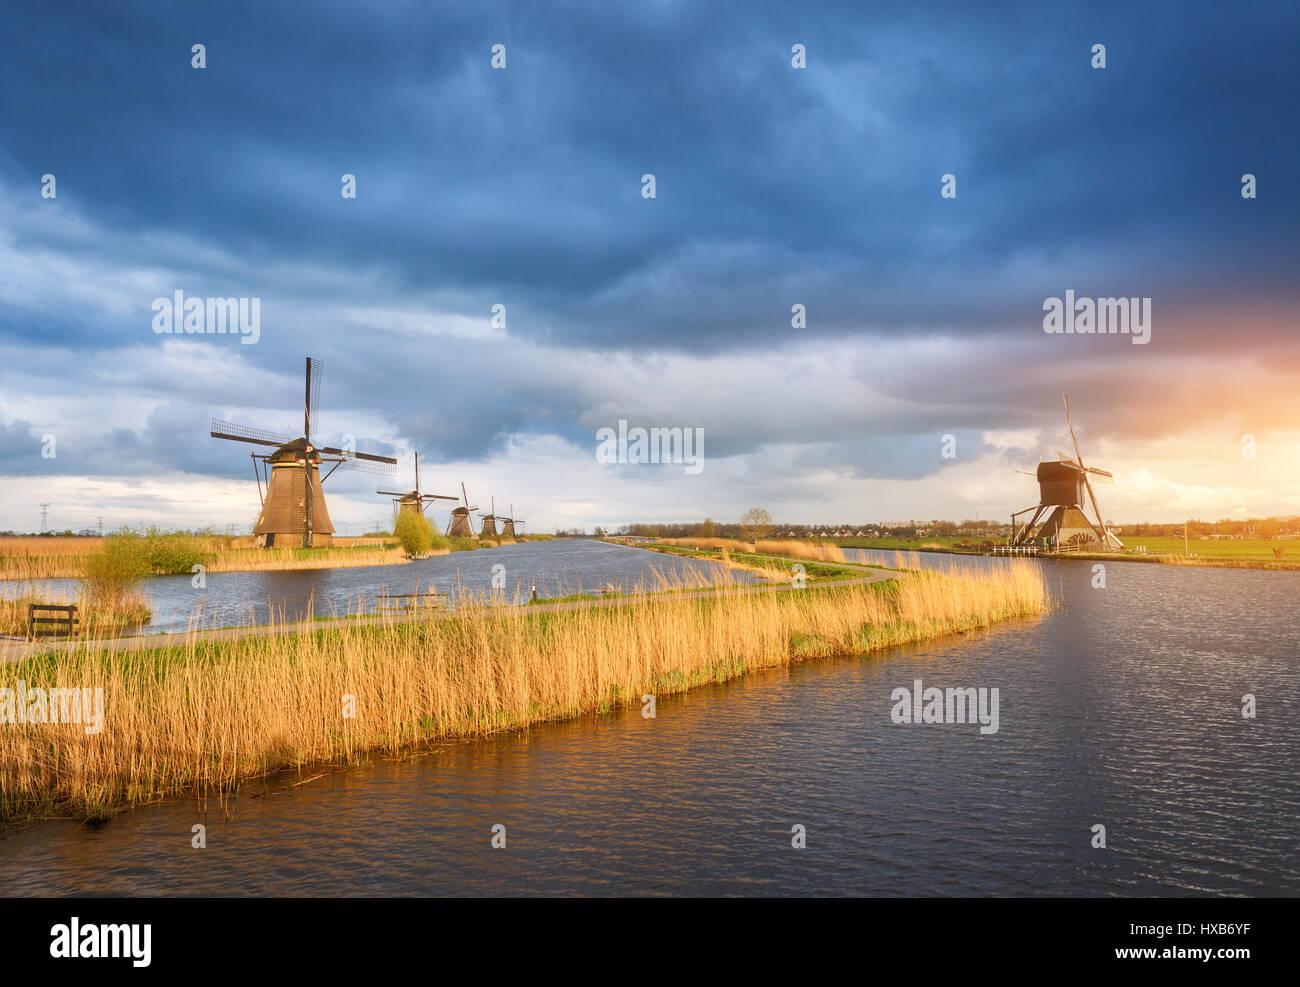 Moulins à vent incroyable. Paysage rustique avec moulins à vent hollandais traditionnel près de l'eau Photo Stock